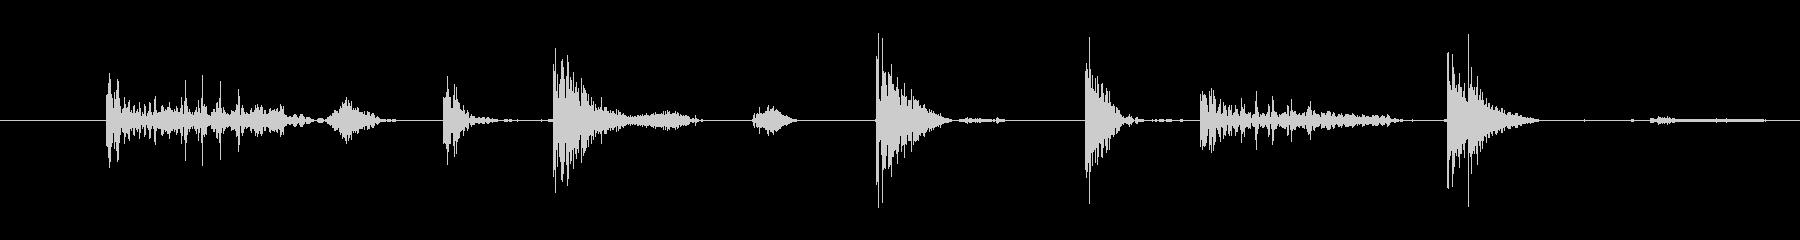 口 Beatbox Sequenc...の未再生の波形